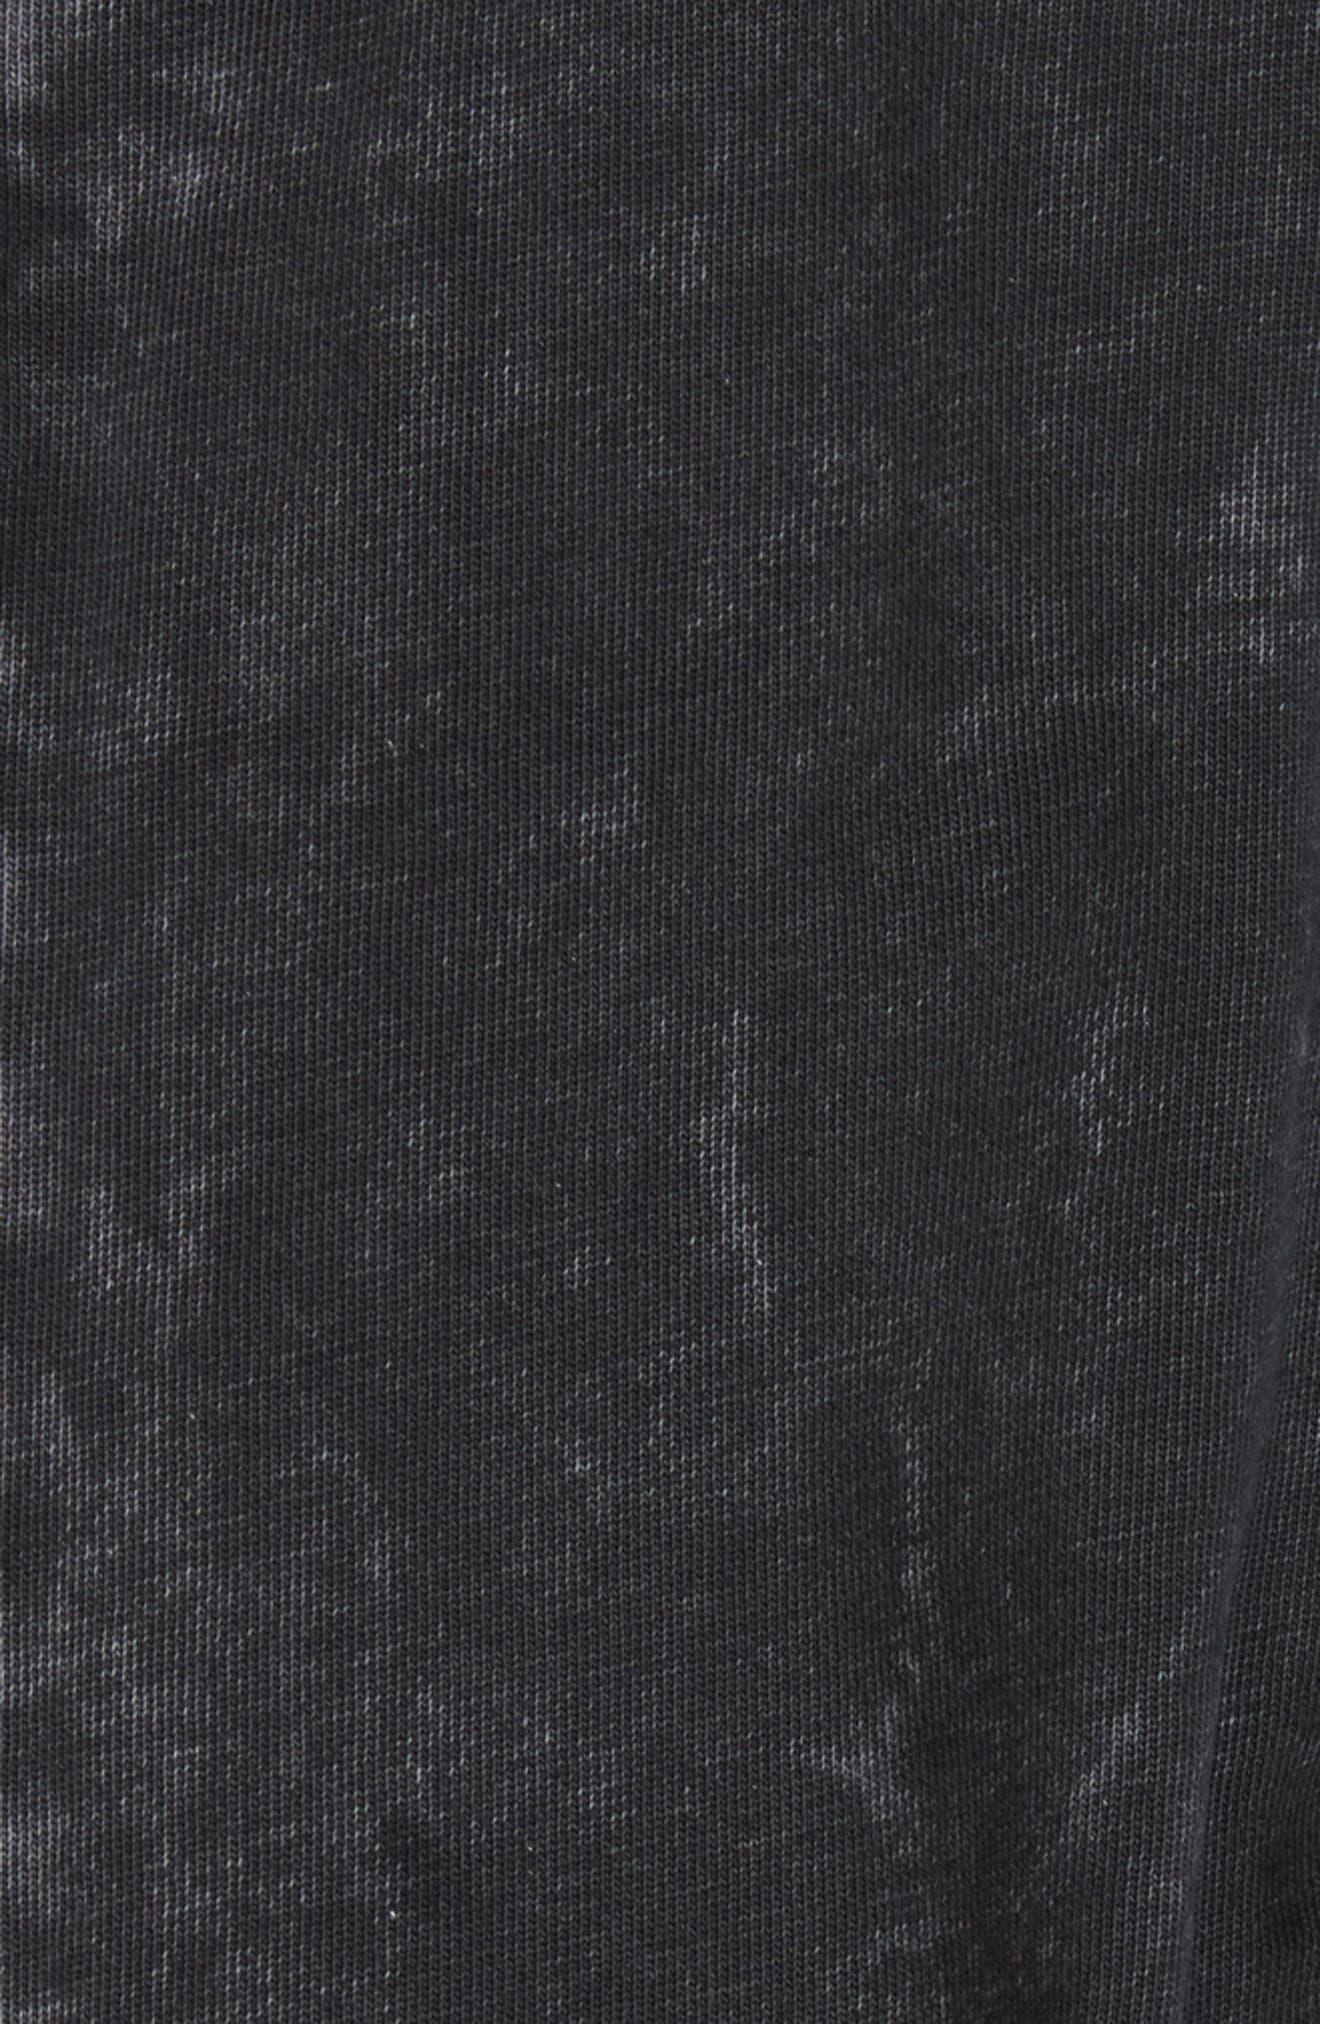 Superwash Sweatpants,                             Alternate thumbnail 3, color,                             001